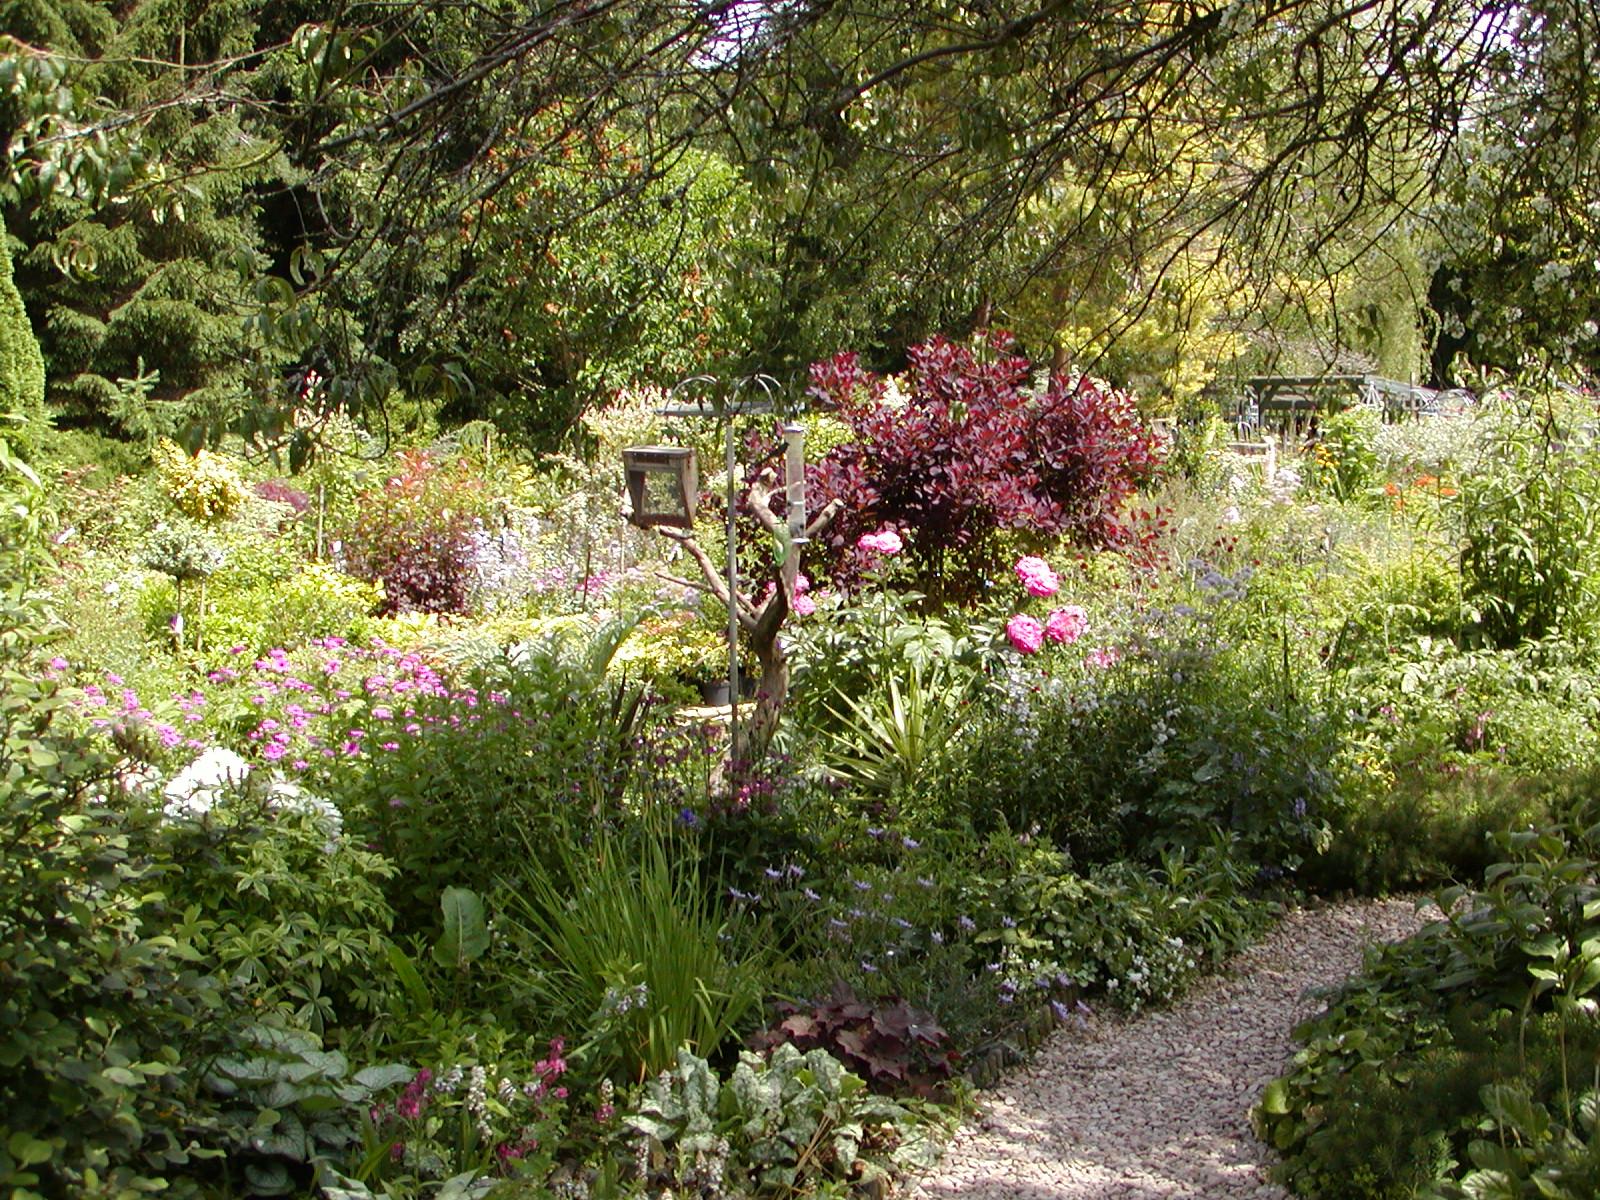 Garden-Jun-05 006